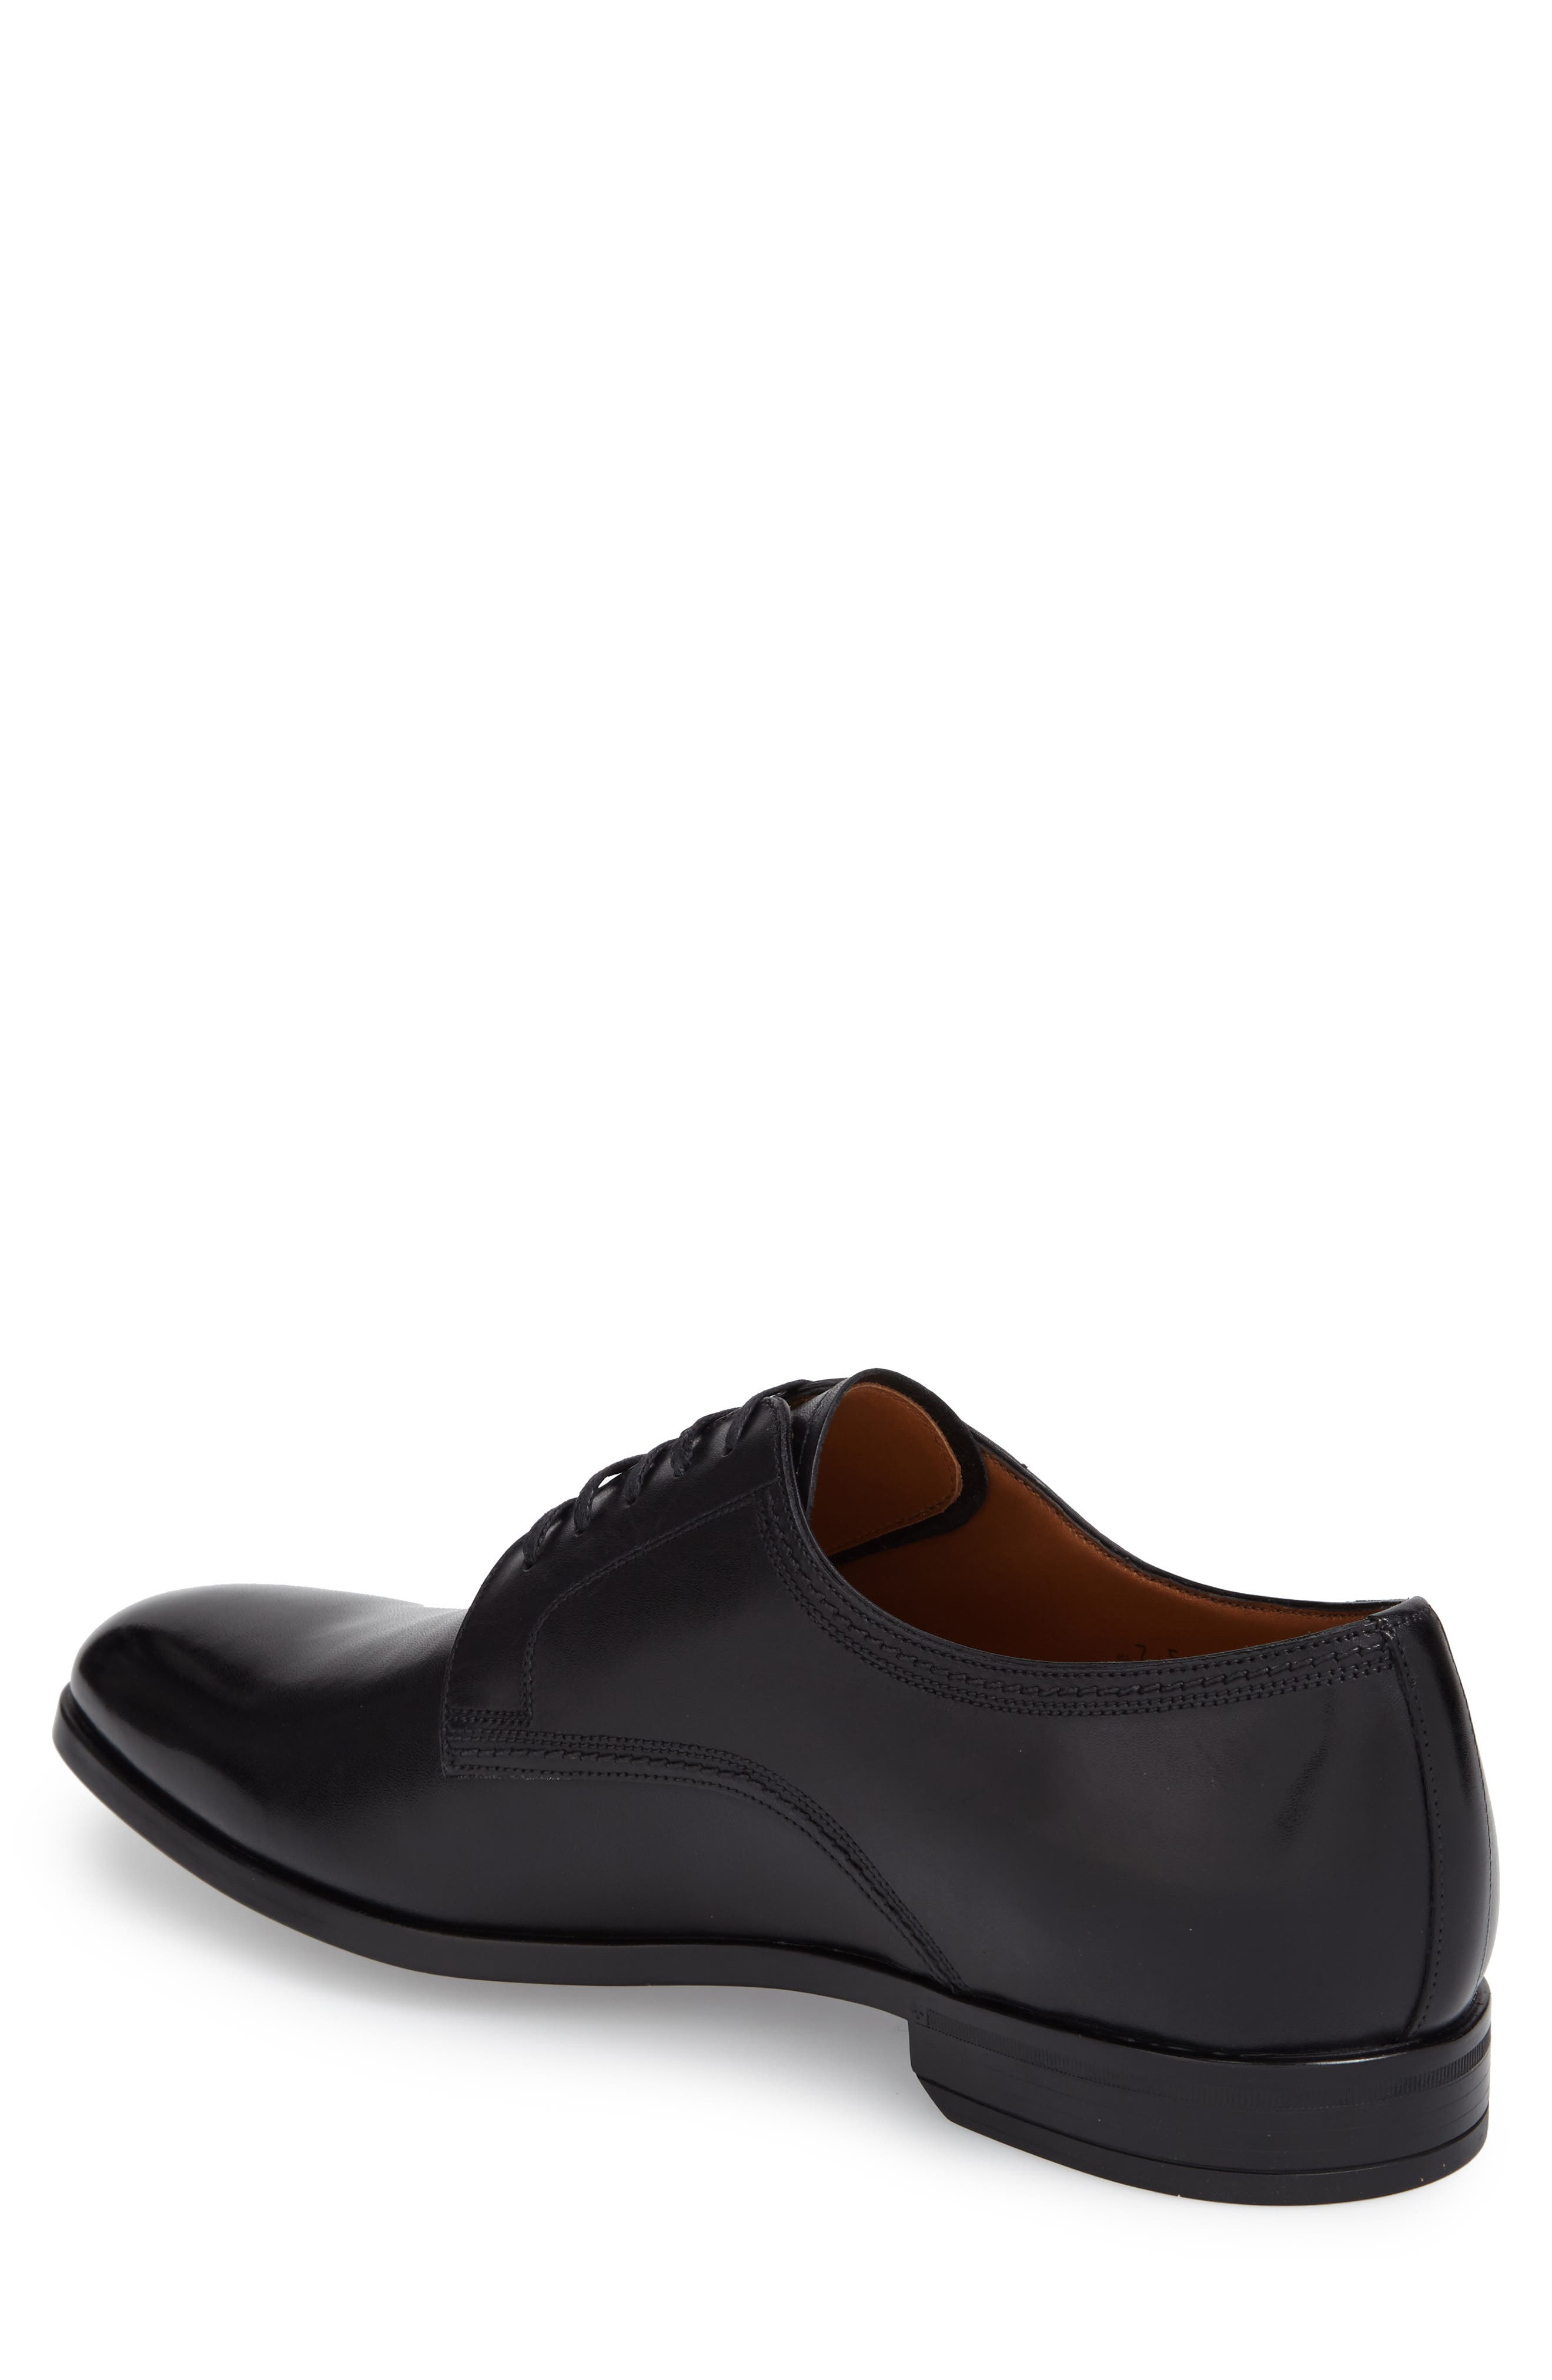 'Latour' Plain Toe Derby,                             Alternate thumbnail 3, color,                             001